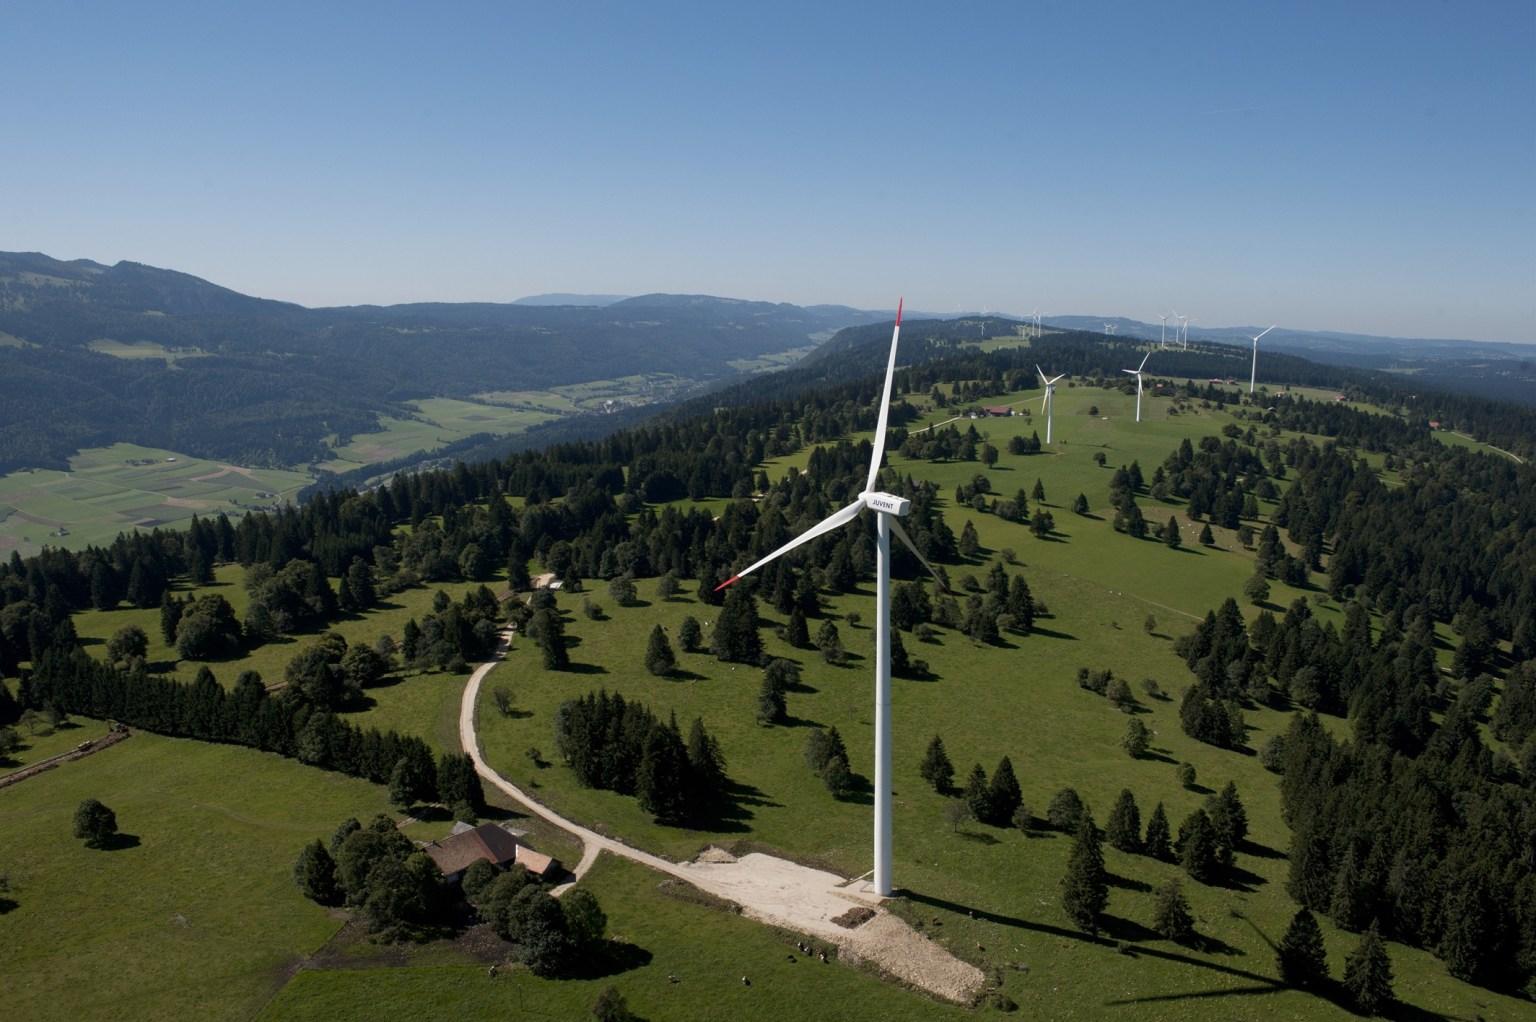 瑞士75%的电力来自可再生能源---伯尔尼汝拉州Mont Crosin的Juvent风电场是瑞士最大的风电场。